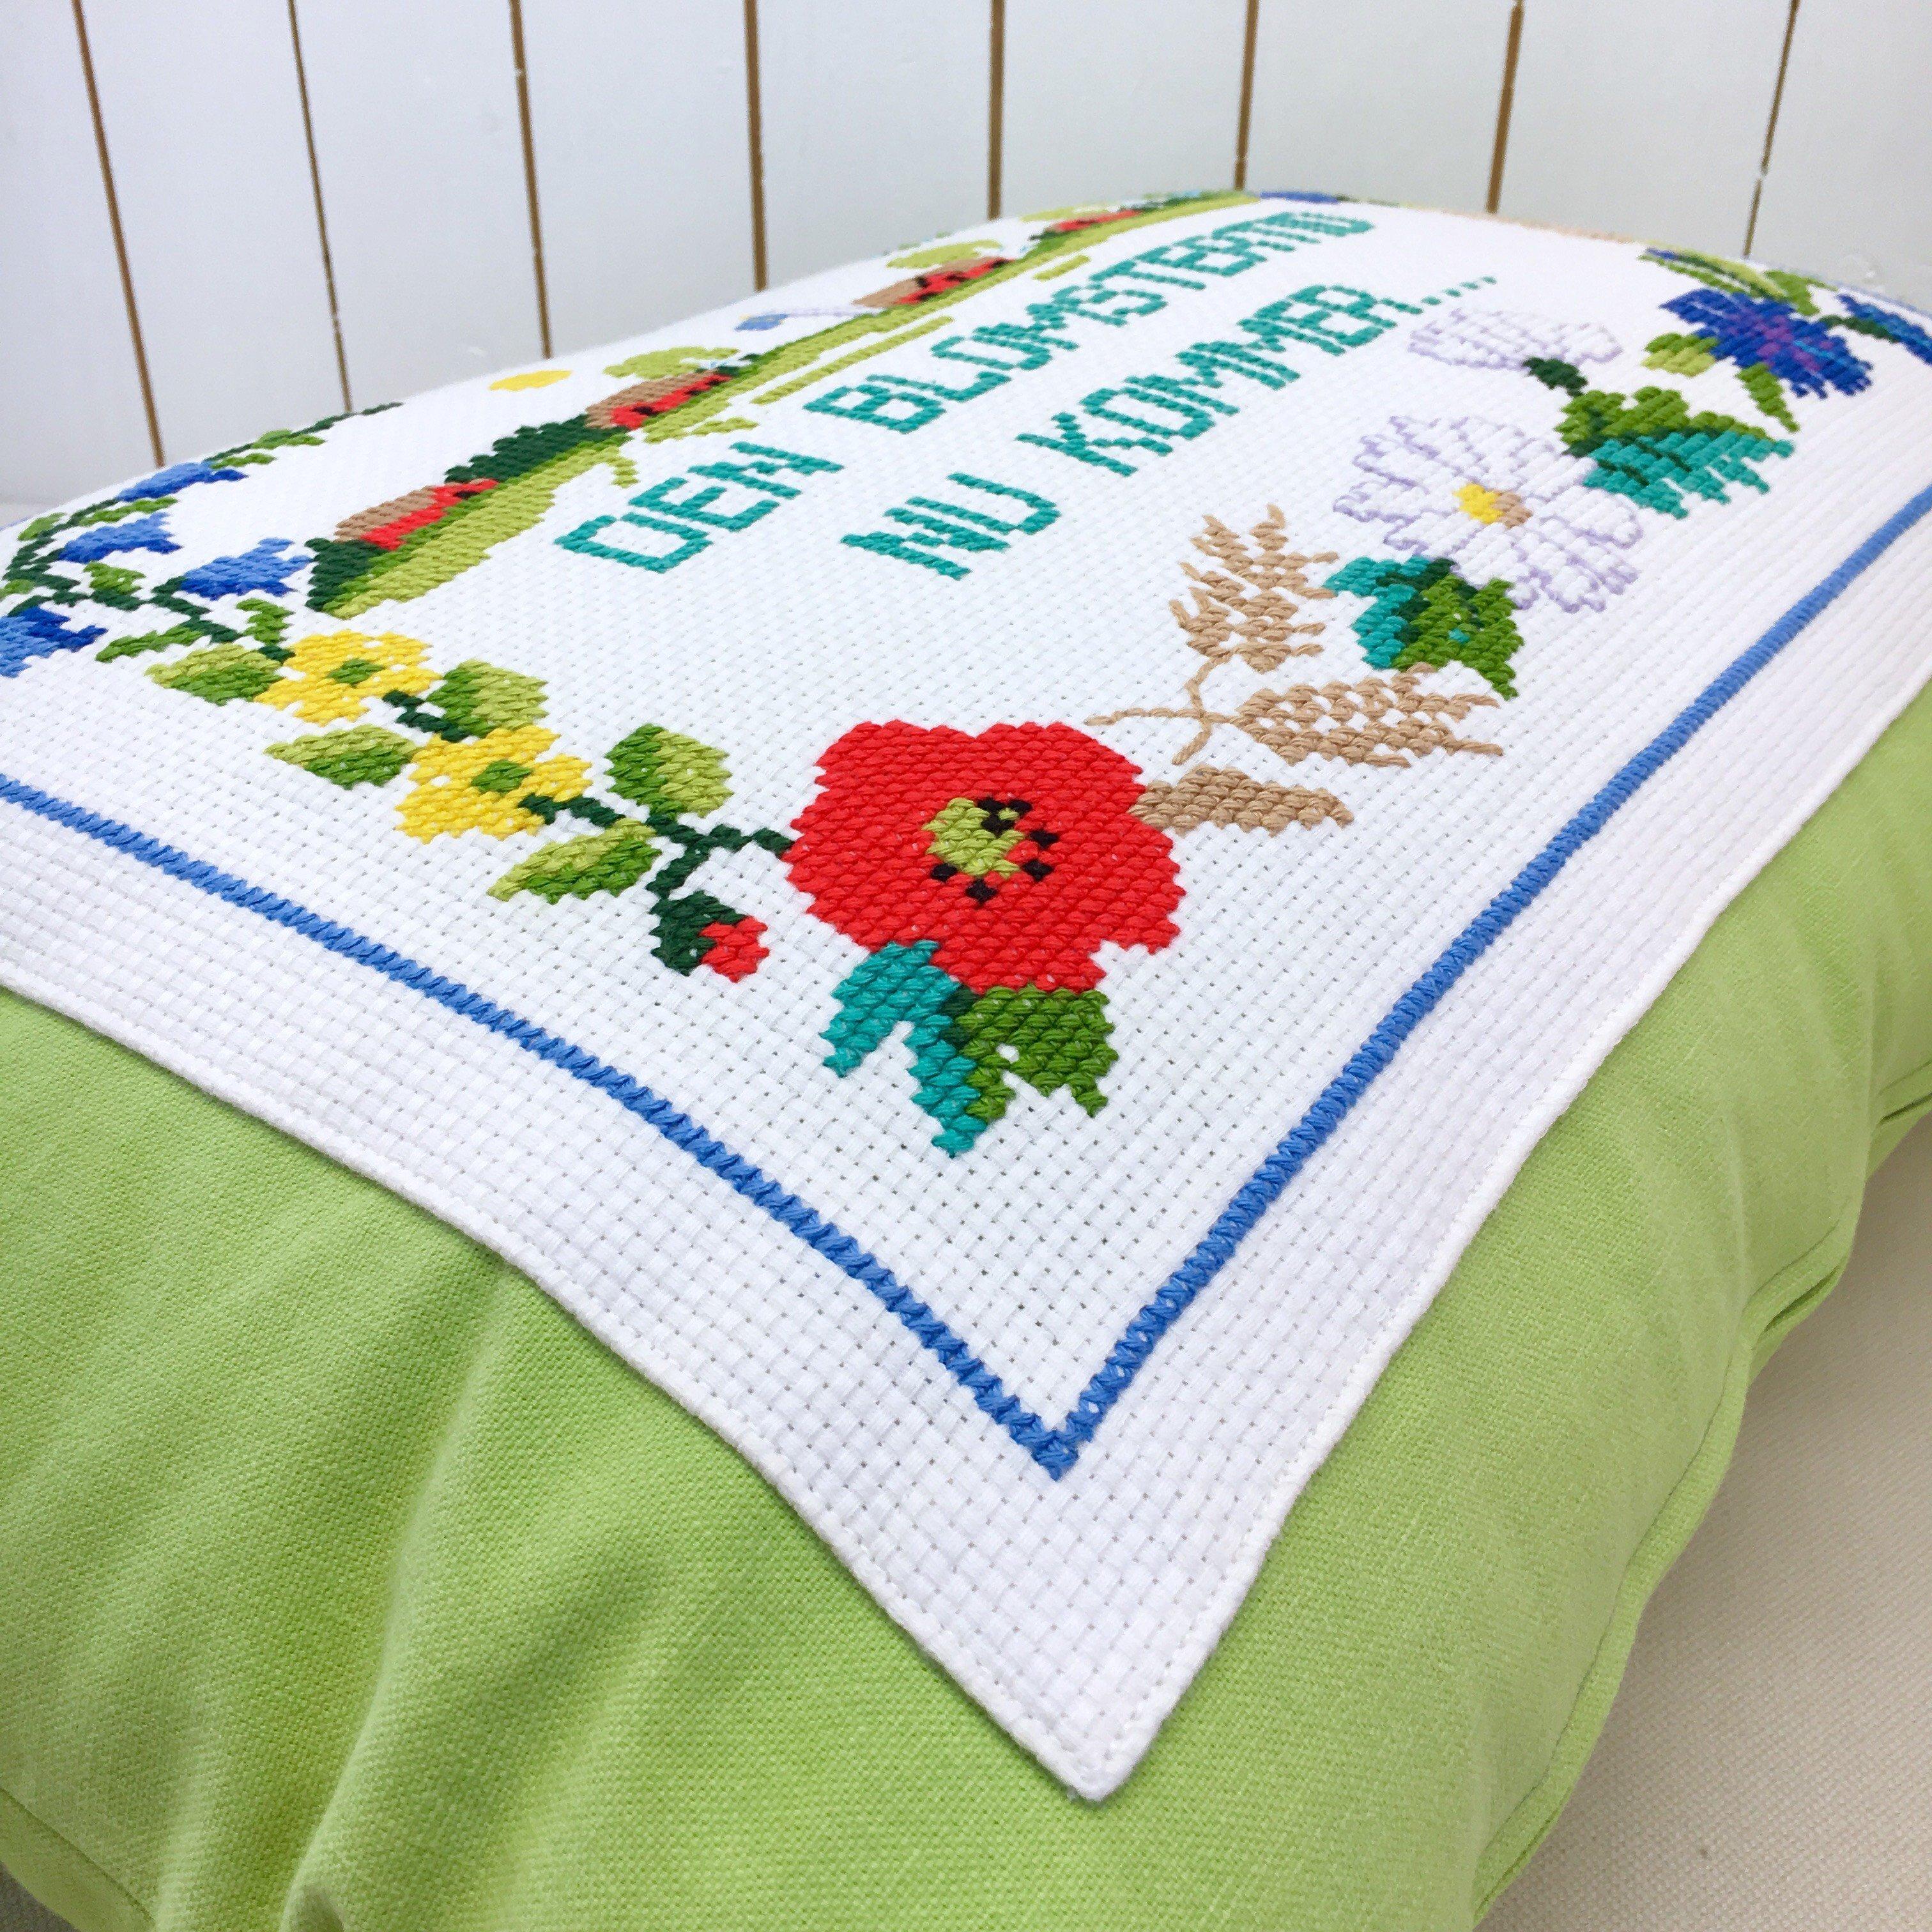 Bonadskudde Den blomstertid